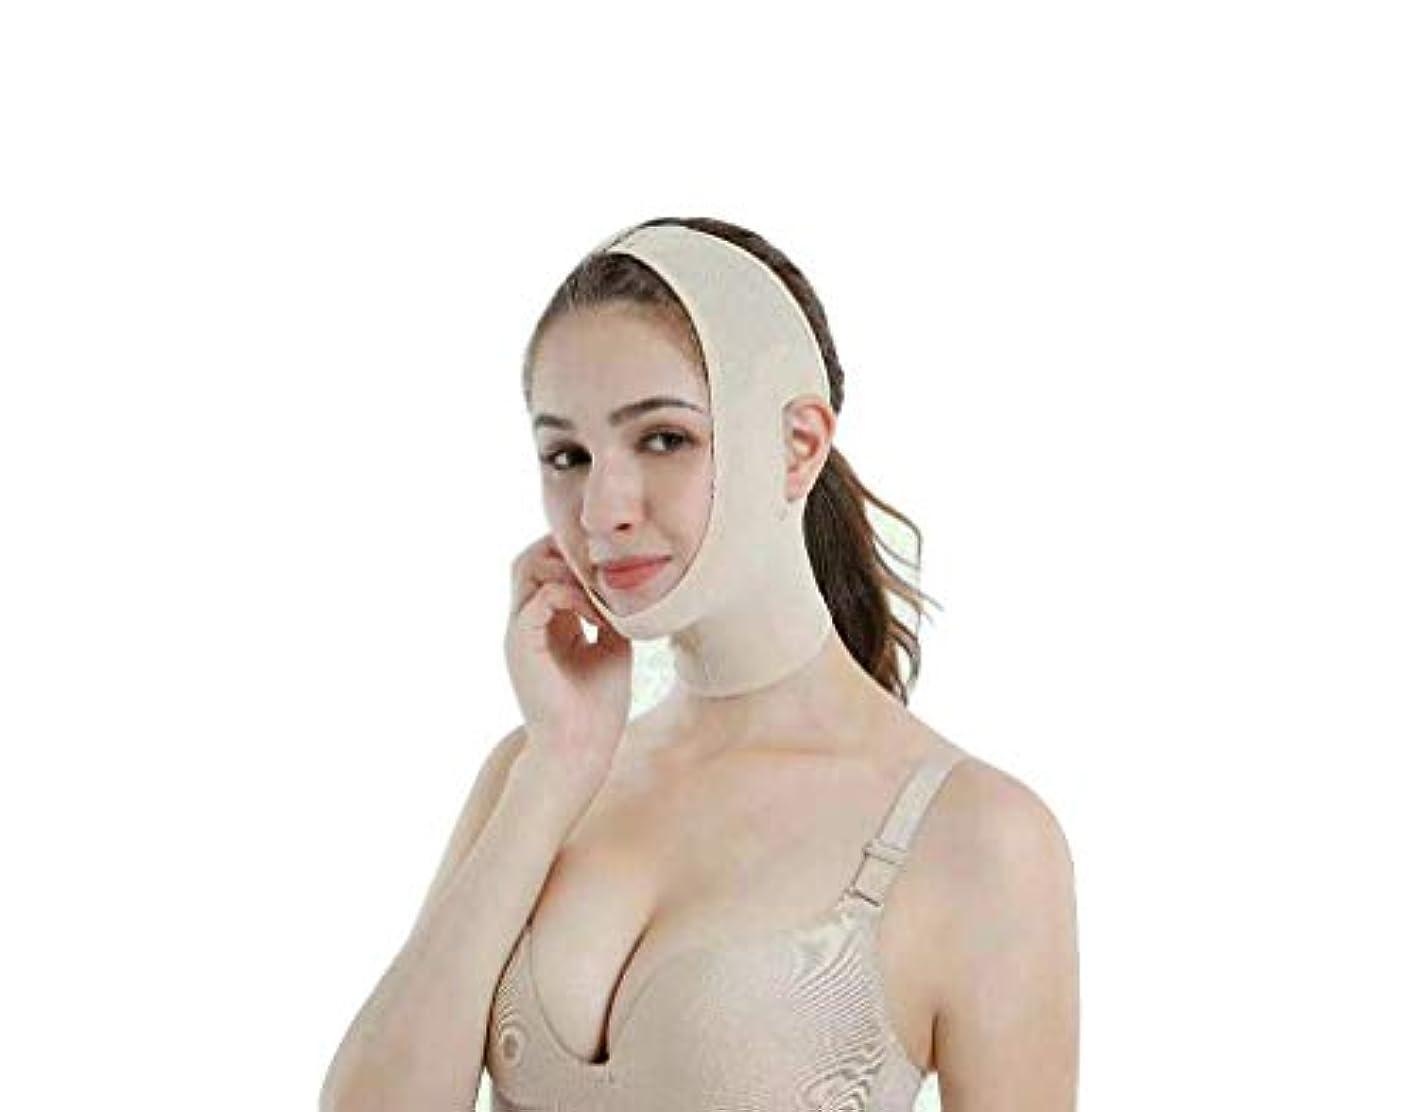 スクリュー反射放映薄い顔のアーティファクトスモールVフェイス睡眠包帯マスク薄いダブルチンリフトファーミングフェイシャルリフティングフェイシャルマッサージャー(サイズ:M)